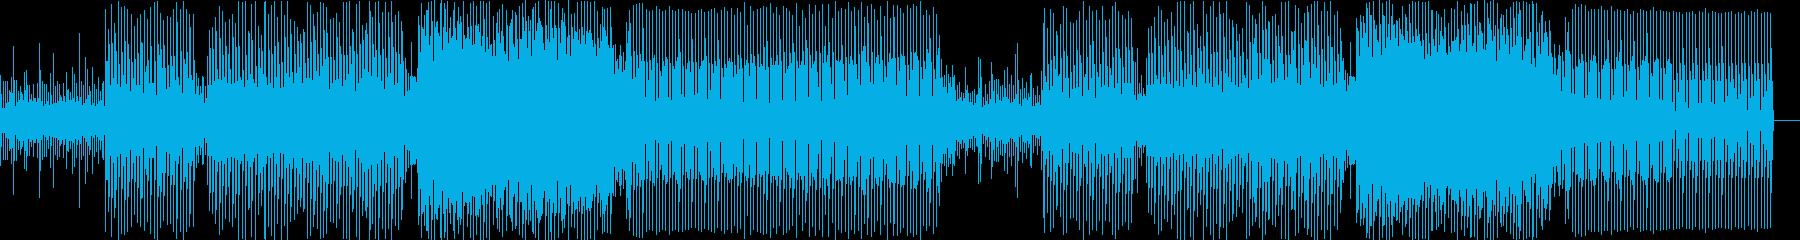 3連符のシーケンスと硬質なテクノの再生済みの波形